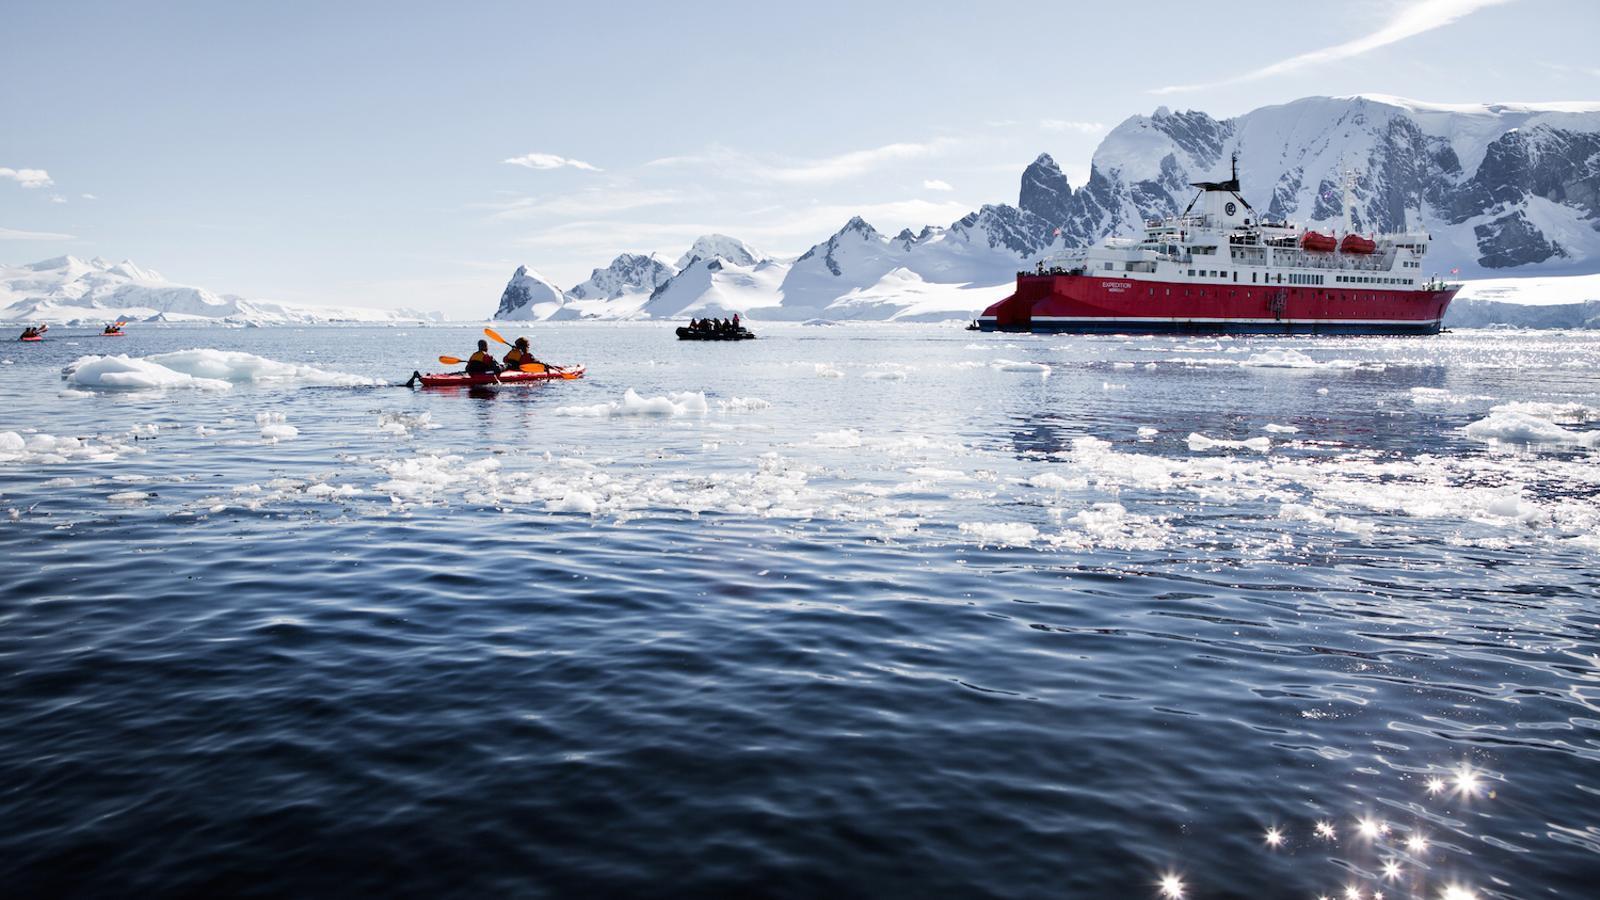 Un dels vaixells que porten turistes a l'Antàrtida. Han de garantir que mai hi ha més de 100 persones en un mateix indret / LAUREN FARMER / IAATO